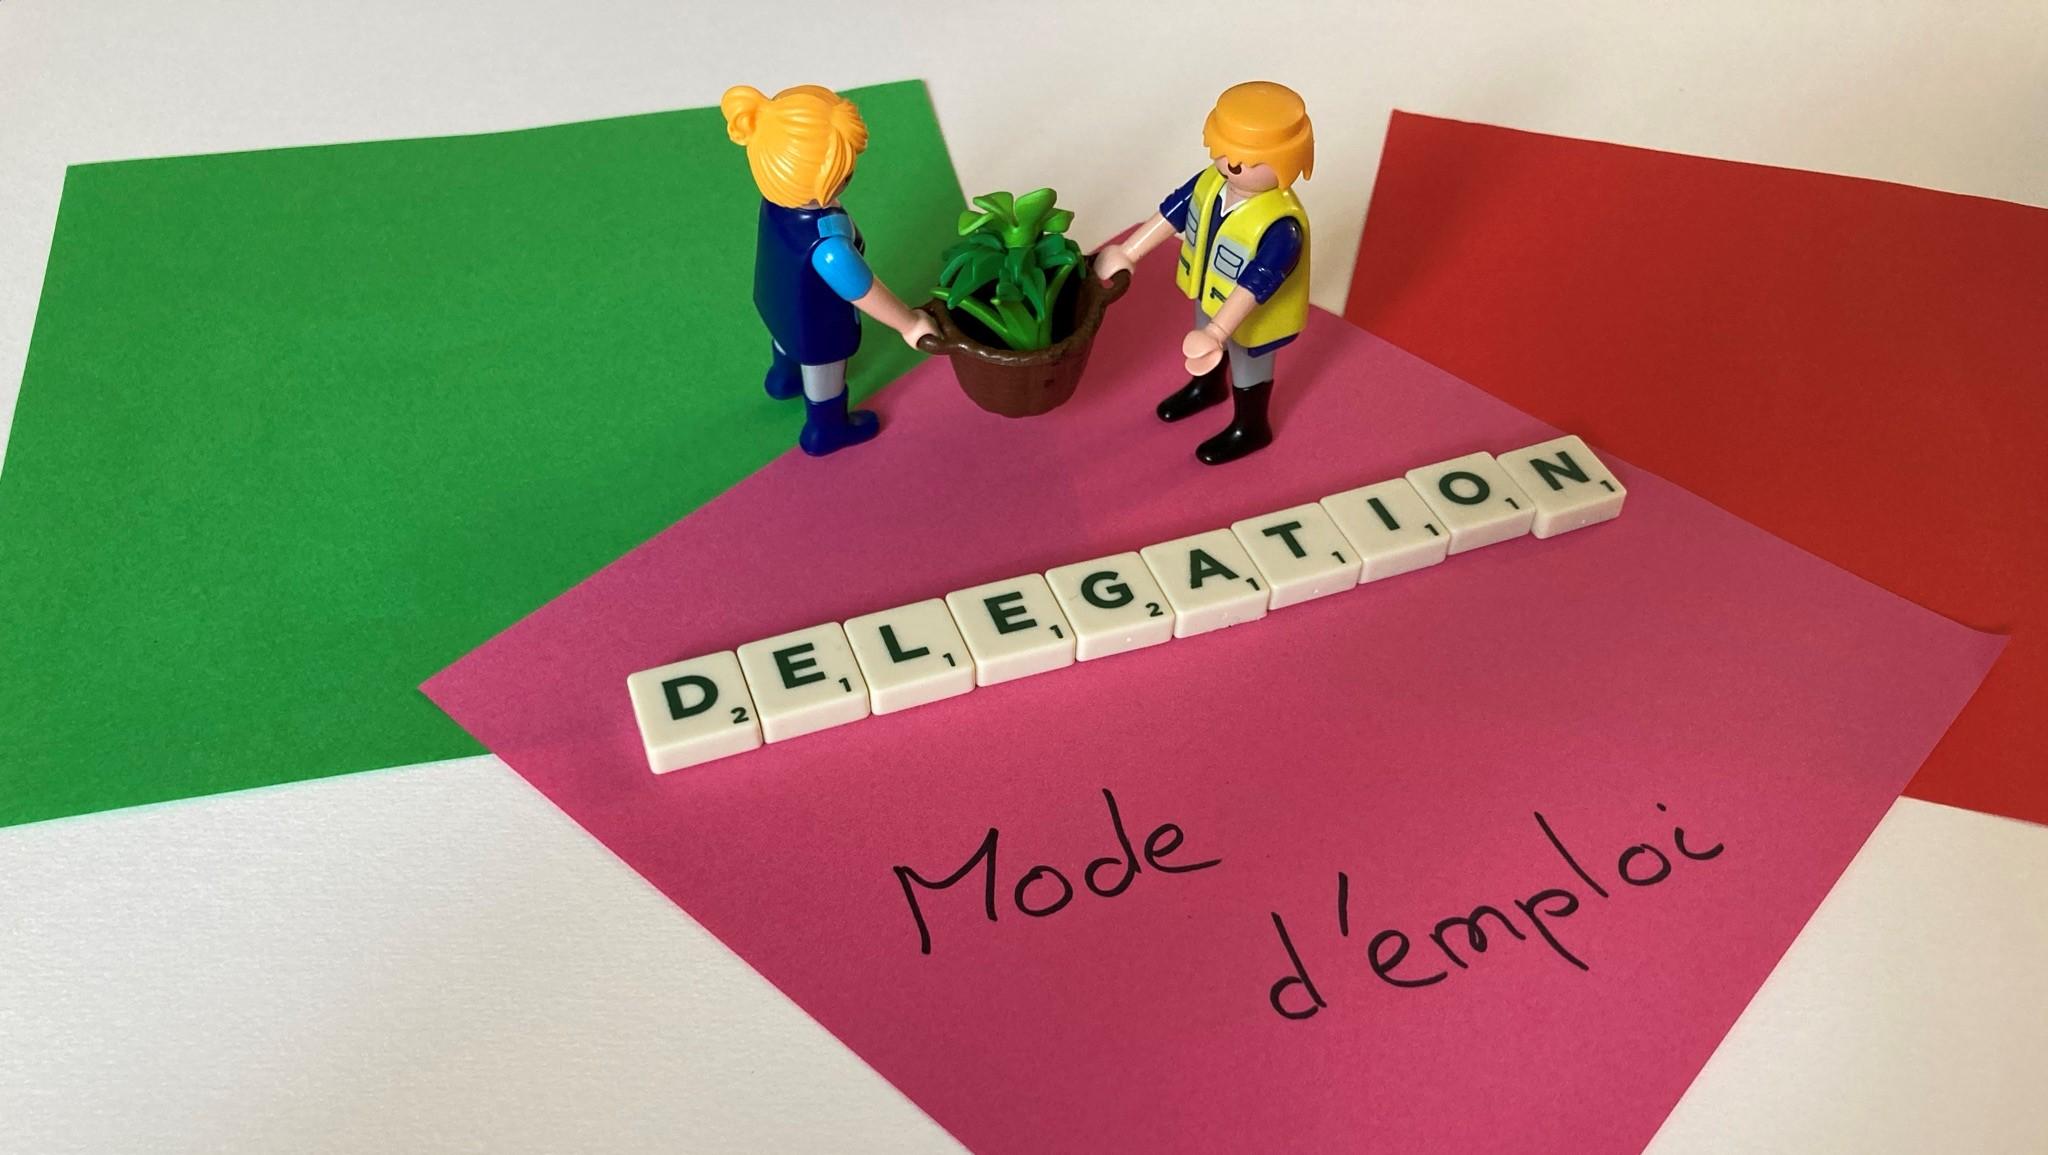 Delegation-mode-d-emploi